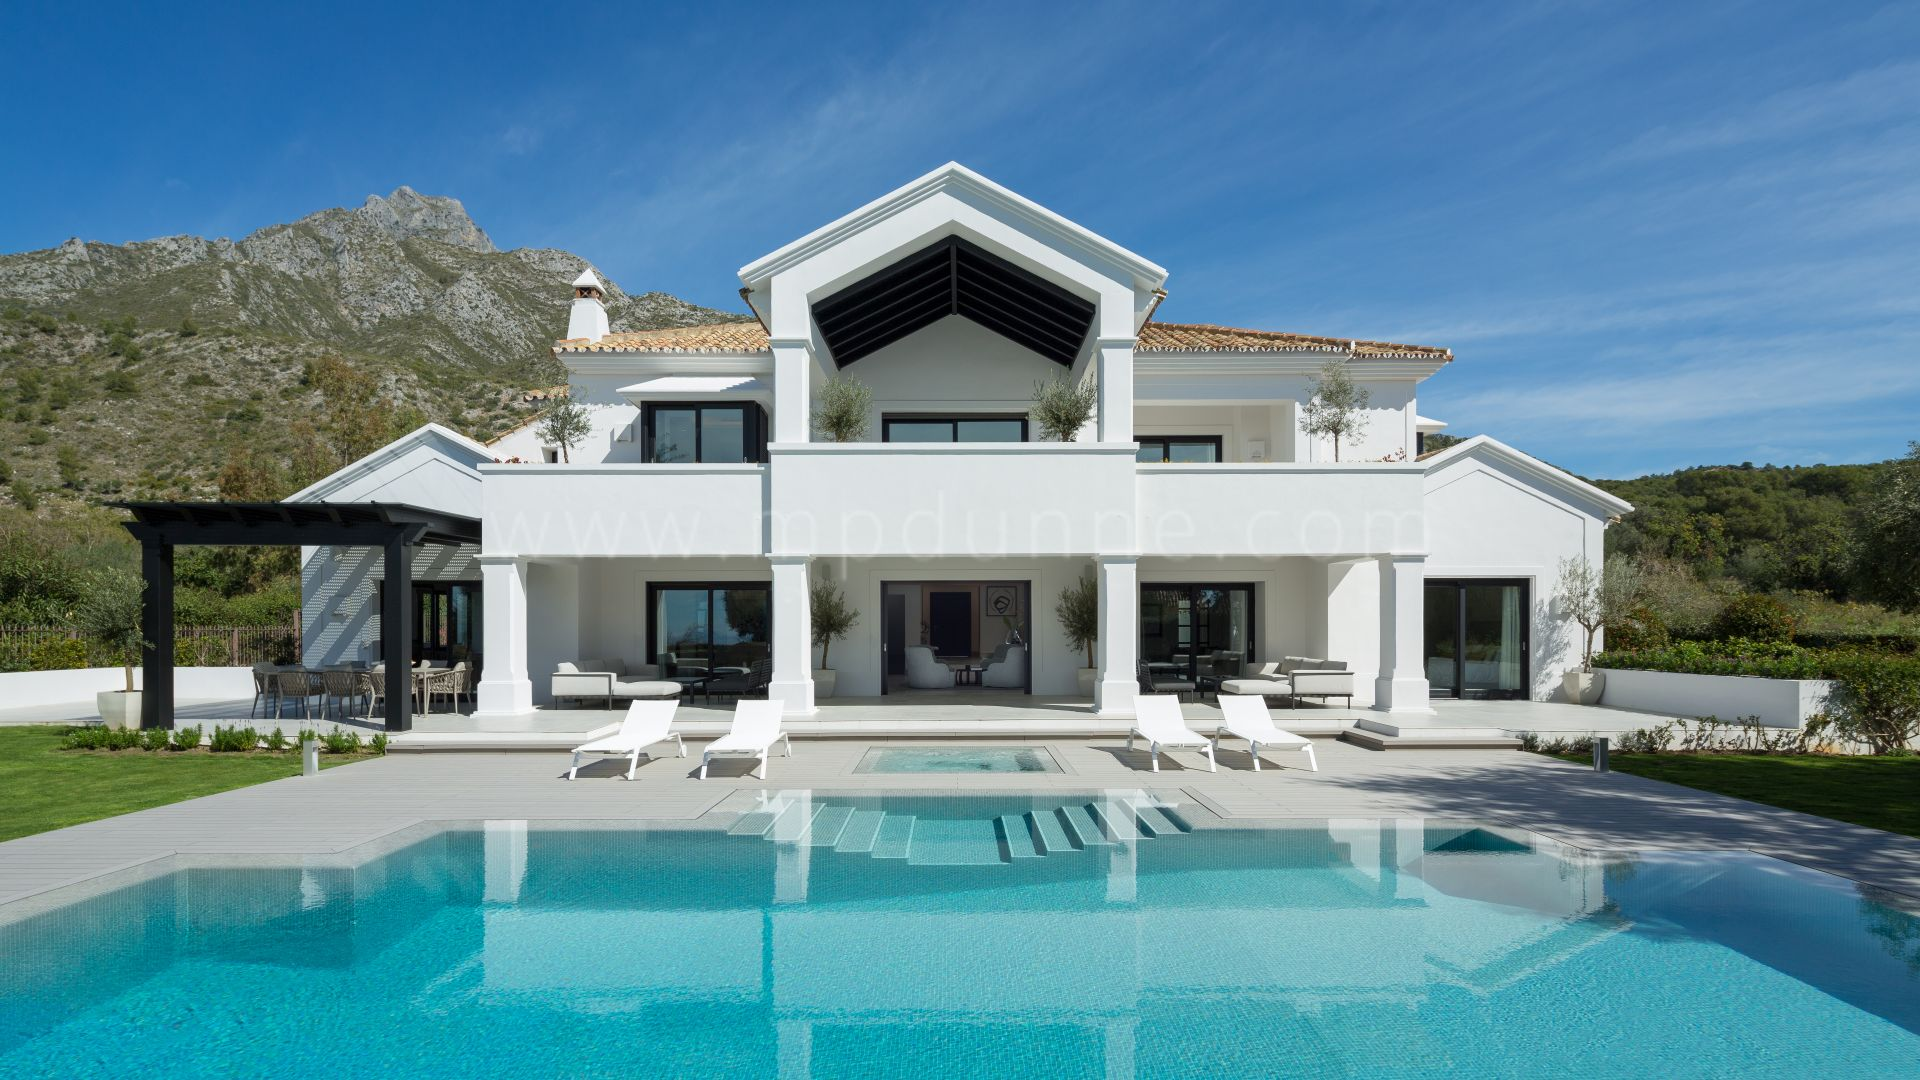 Villas Moderne zum Verkauf in Marbella Goldene Meile